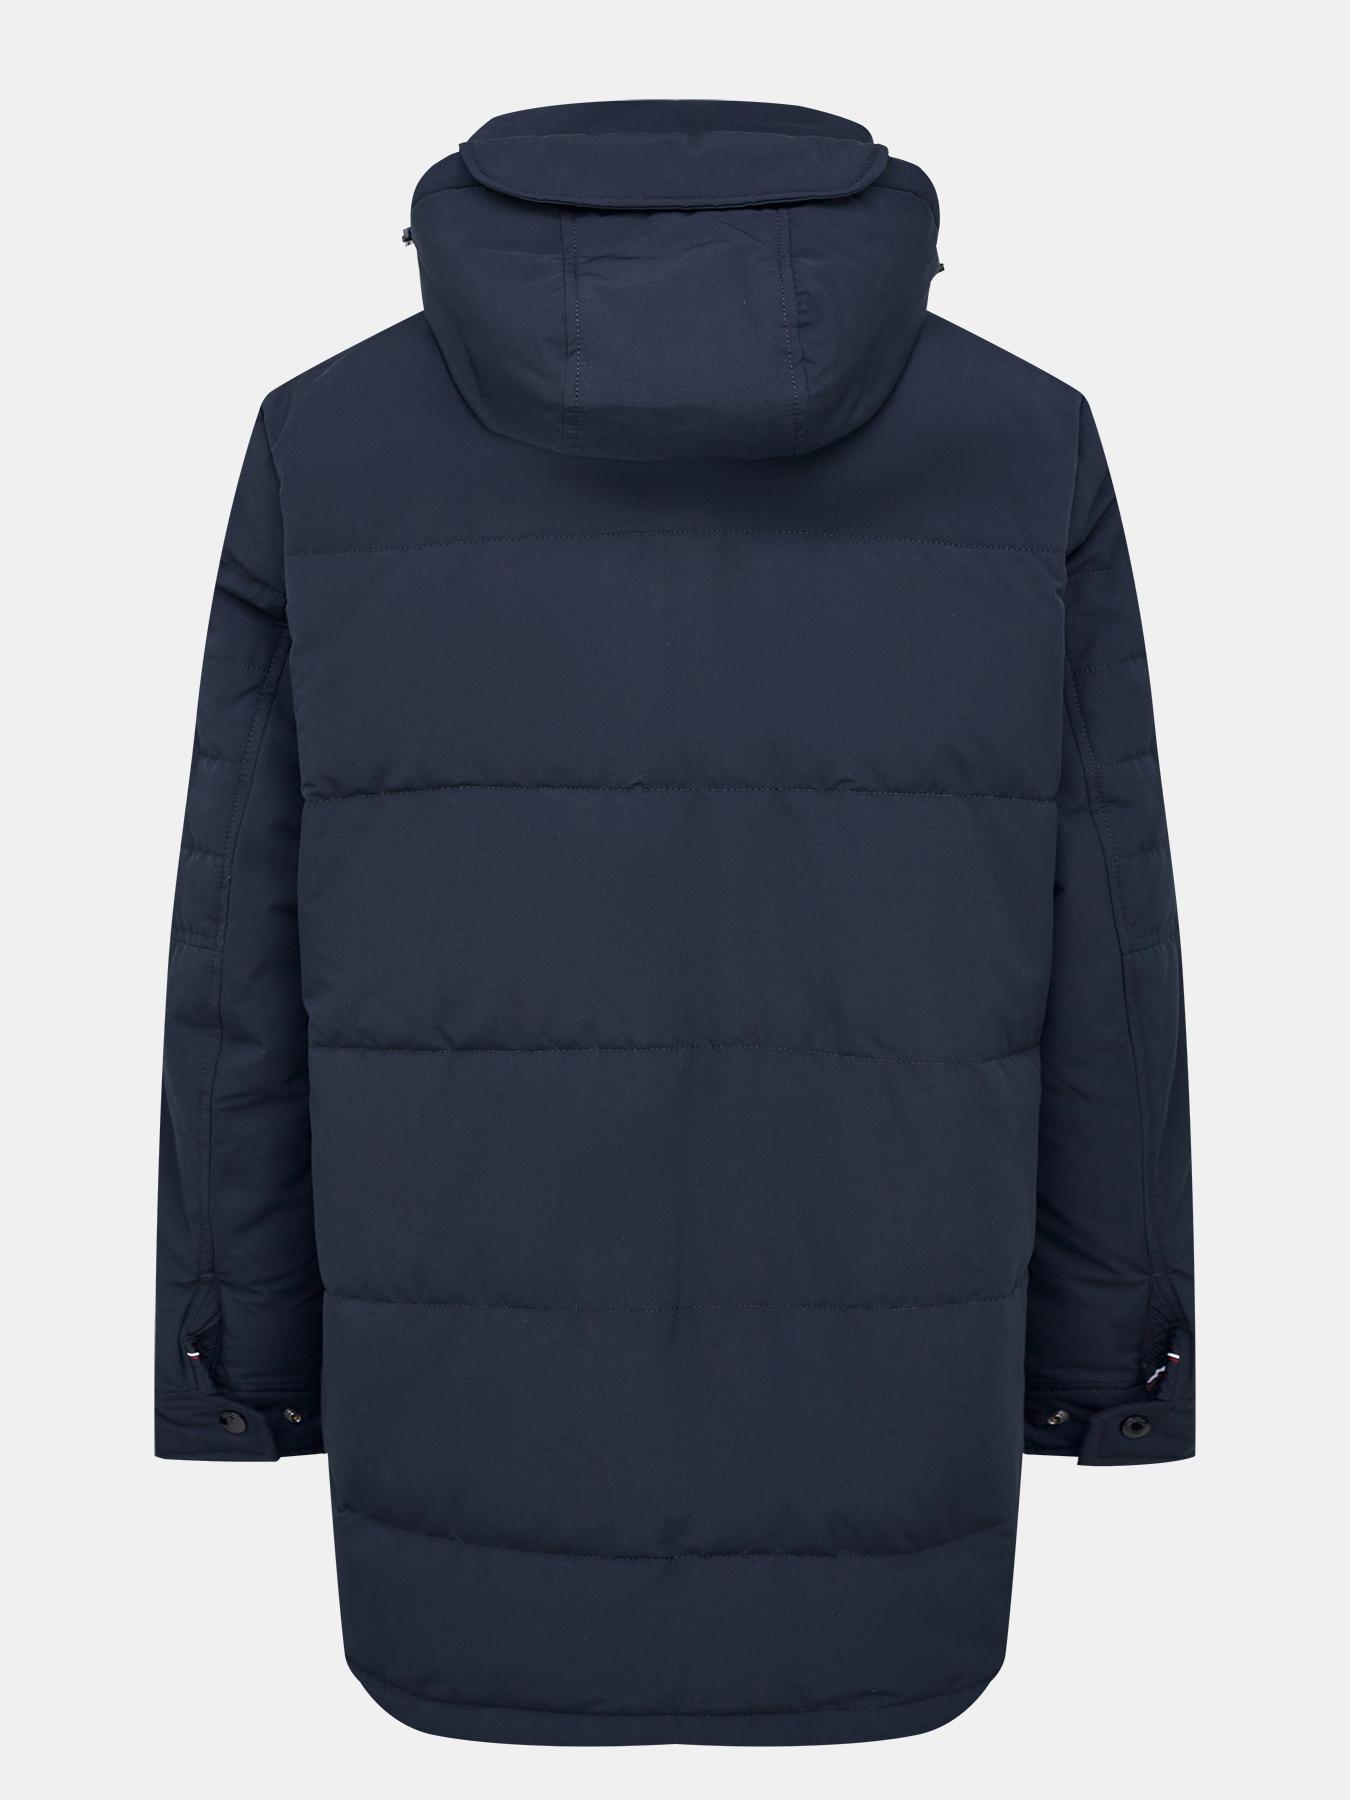 Куртка Strellson Мужская парка